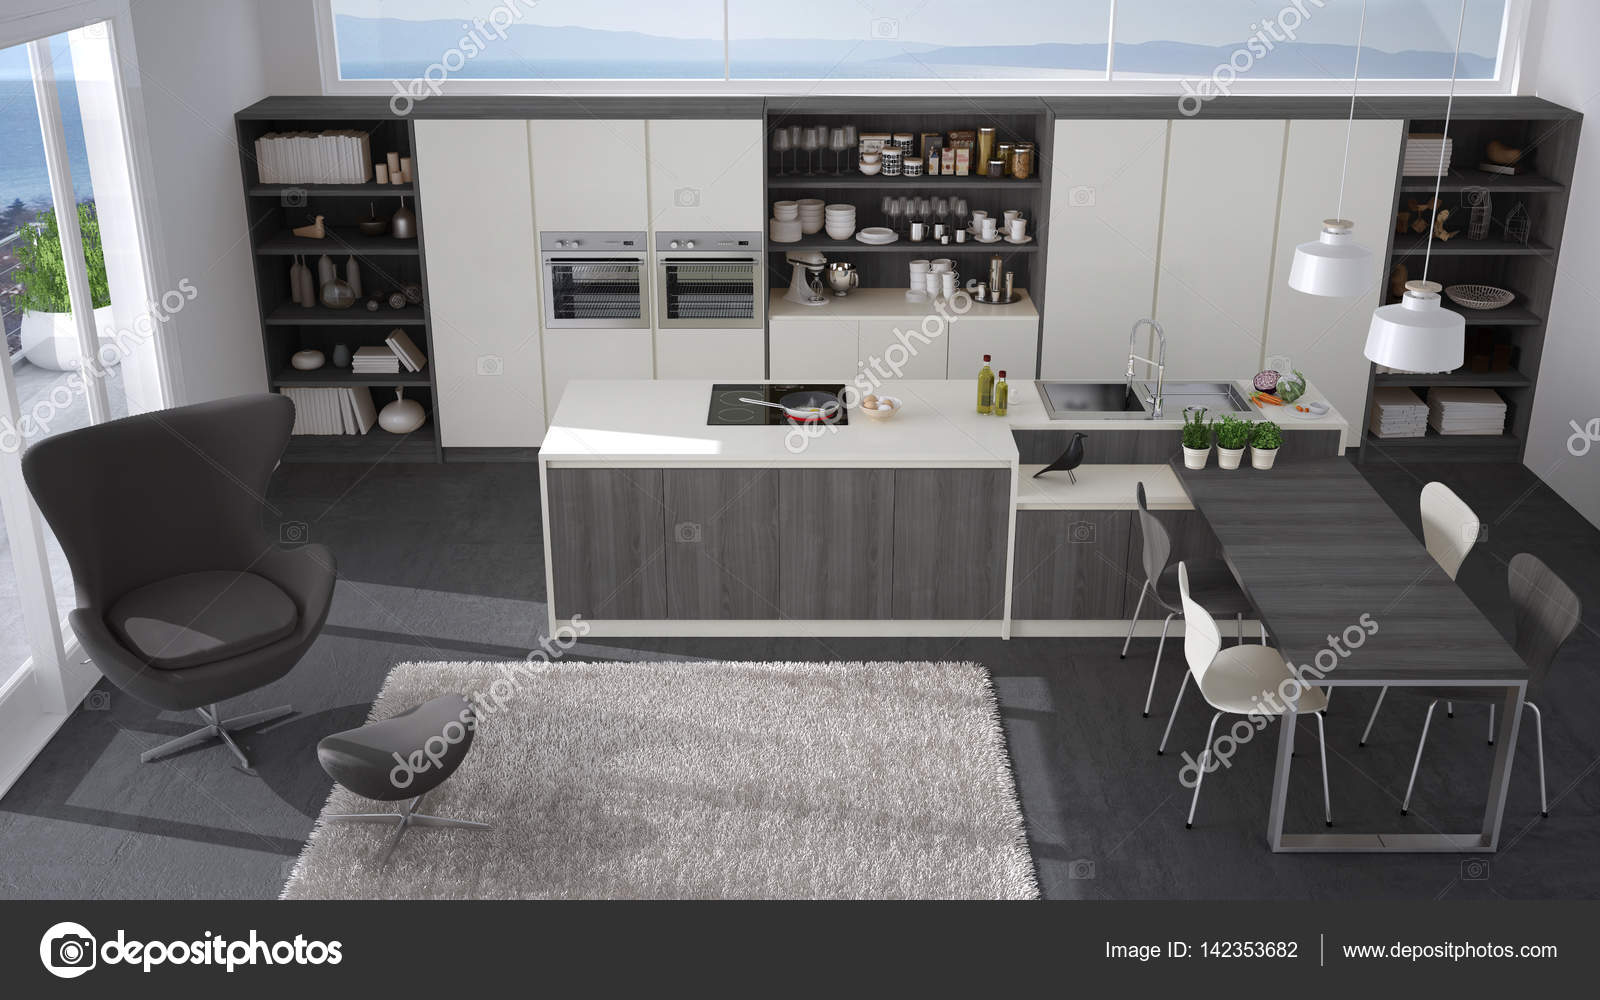 Cucina moderna bianca e grigia con dettagli in legno grande finestra wi foto stock archiviz - Cucina moderna bianca e grigia ...